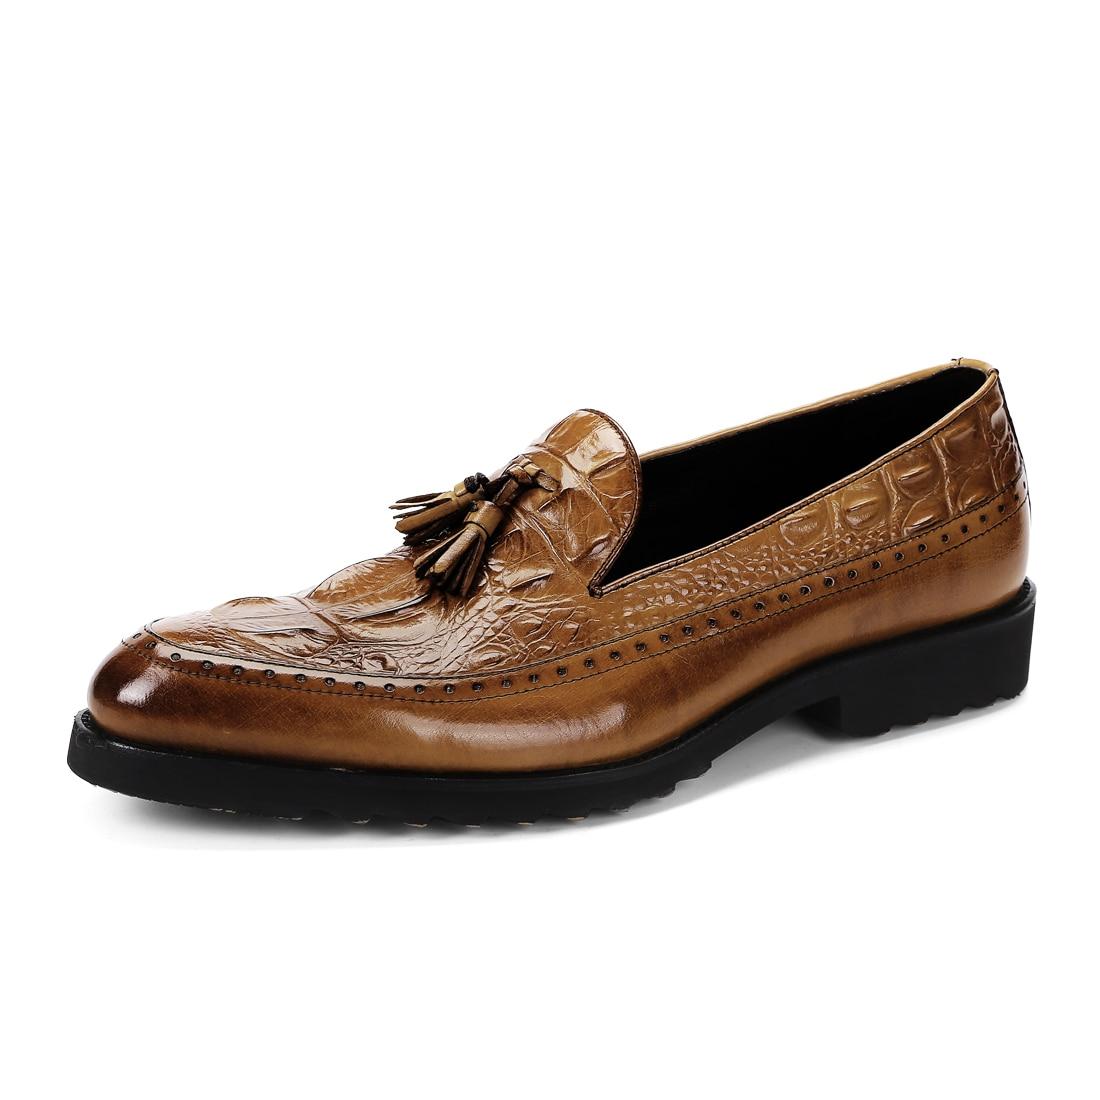 Mocassins Genuíno Preto Pé Dos Do Borla Redondo Homens Dedo Interior Sapatos Derby Negócios 2018 De Cavalheiro Casamento marrom Porco Couro Vestido qZwCgnHXx8